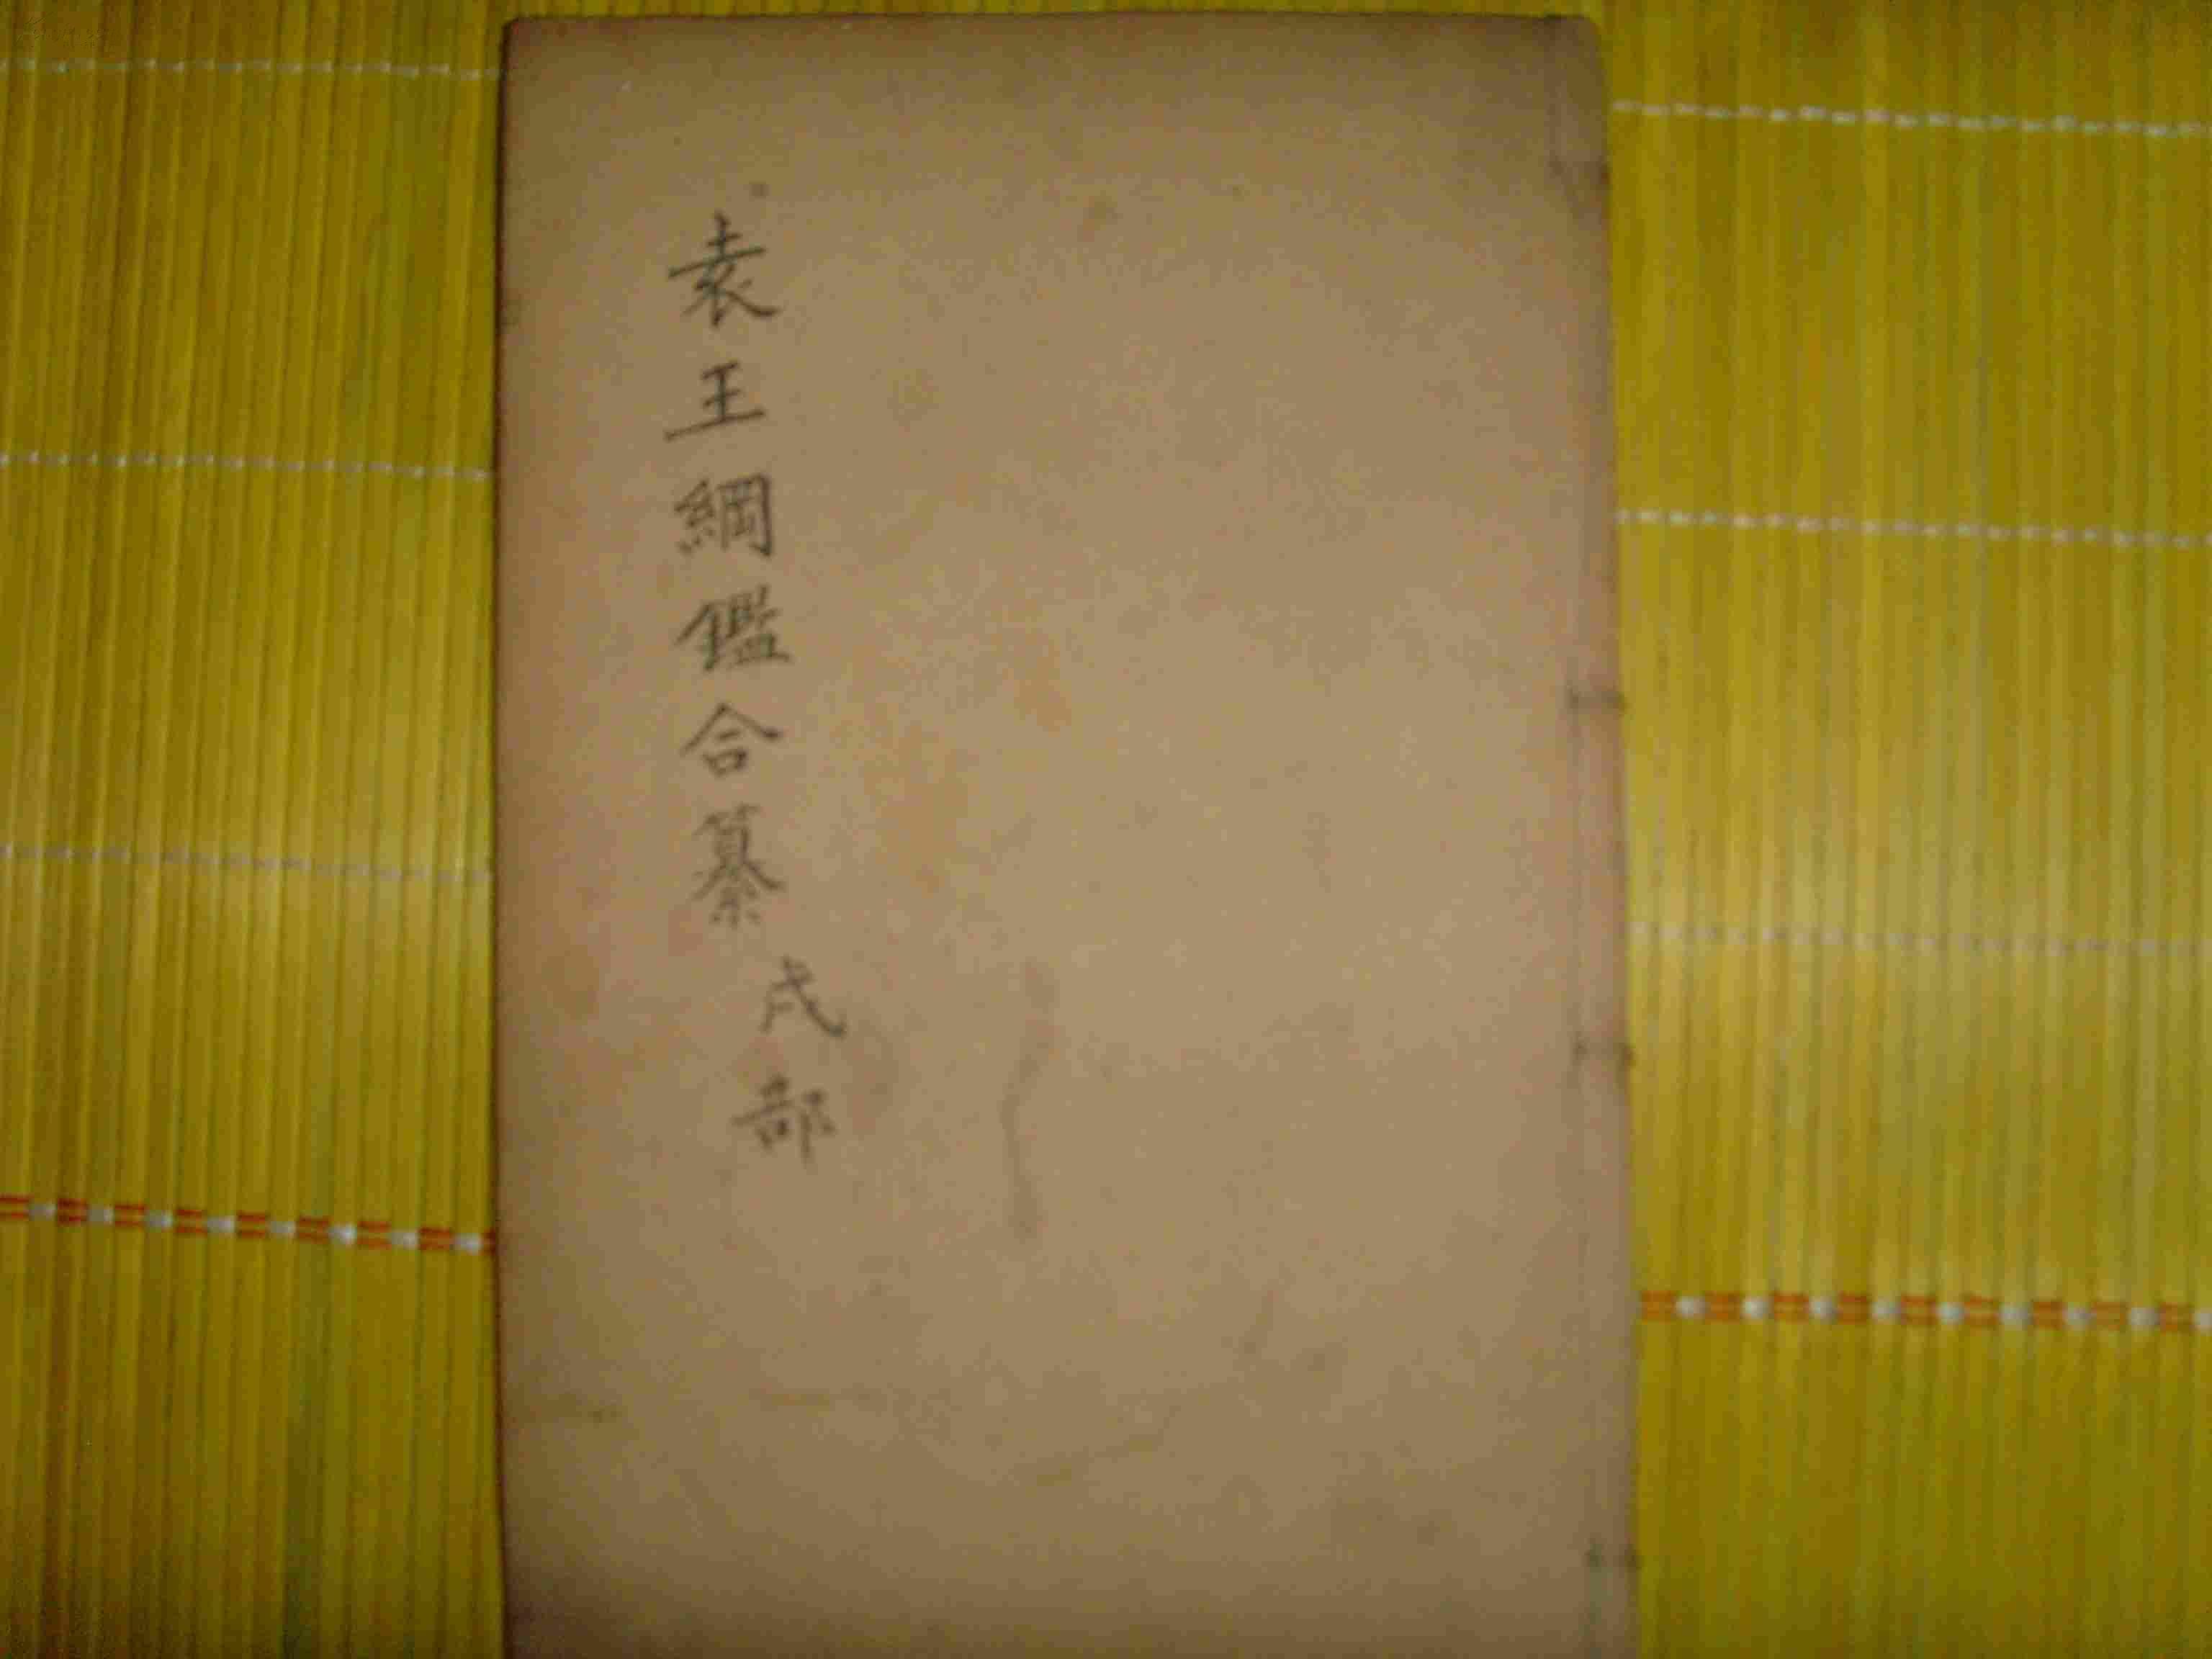 袁王綱鑑合纂(戍部)